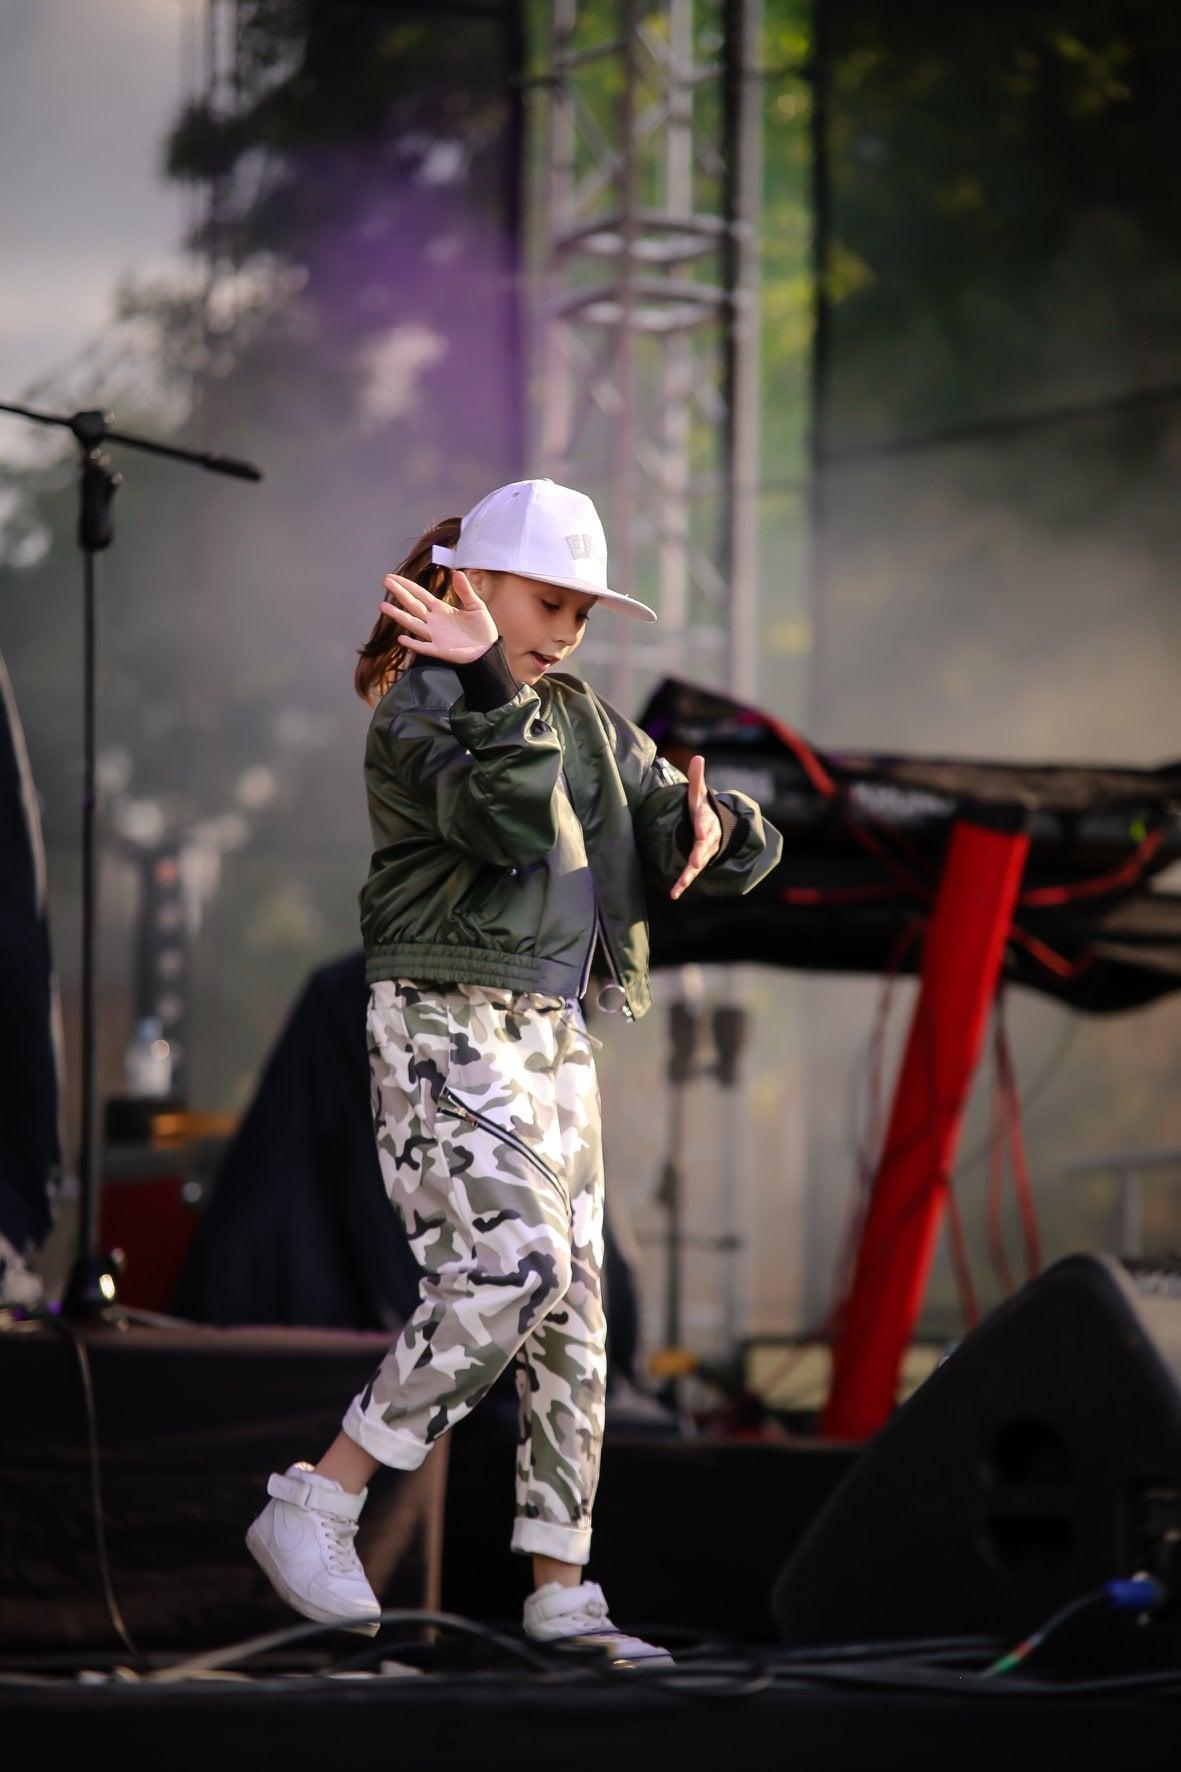 szkoła tańca hip hop warszawa wołomin